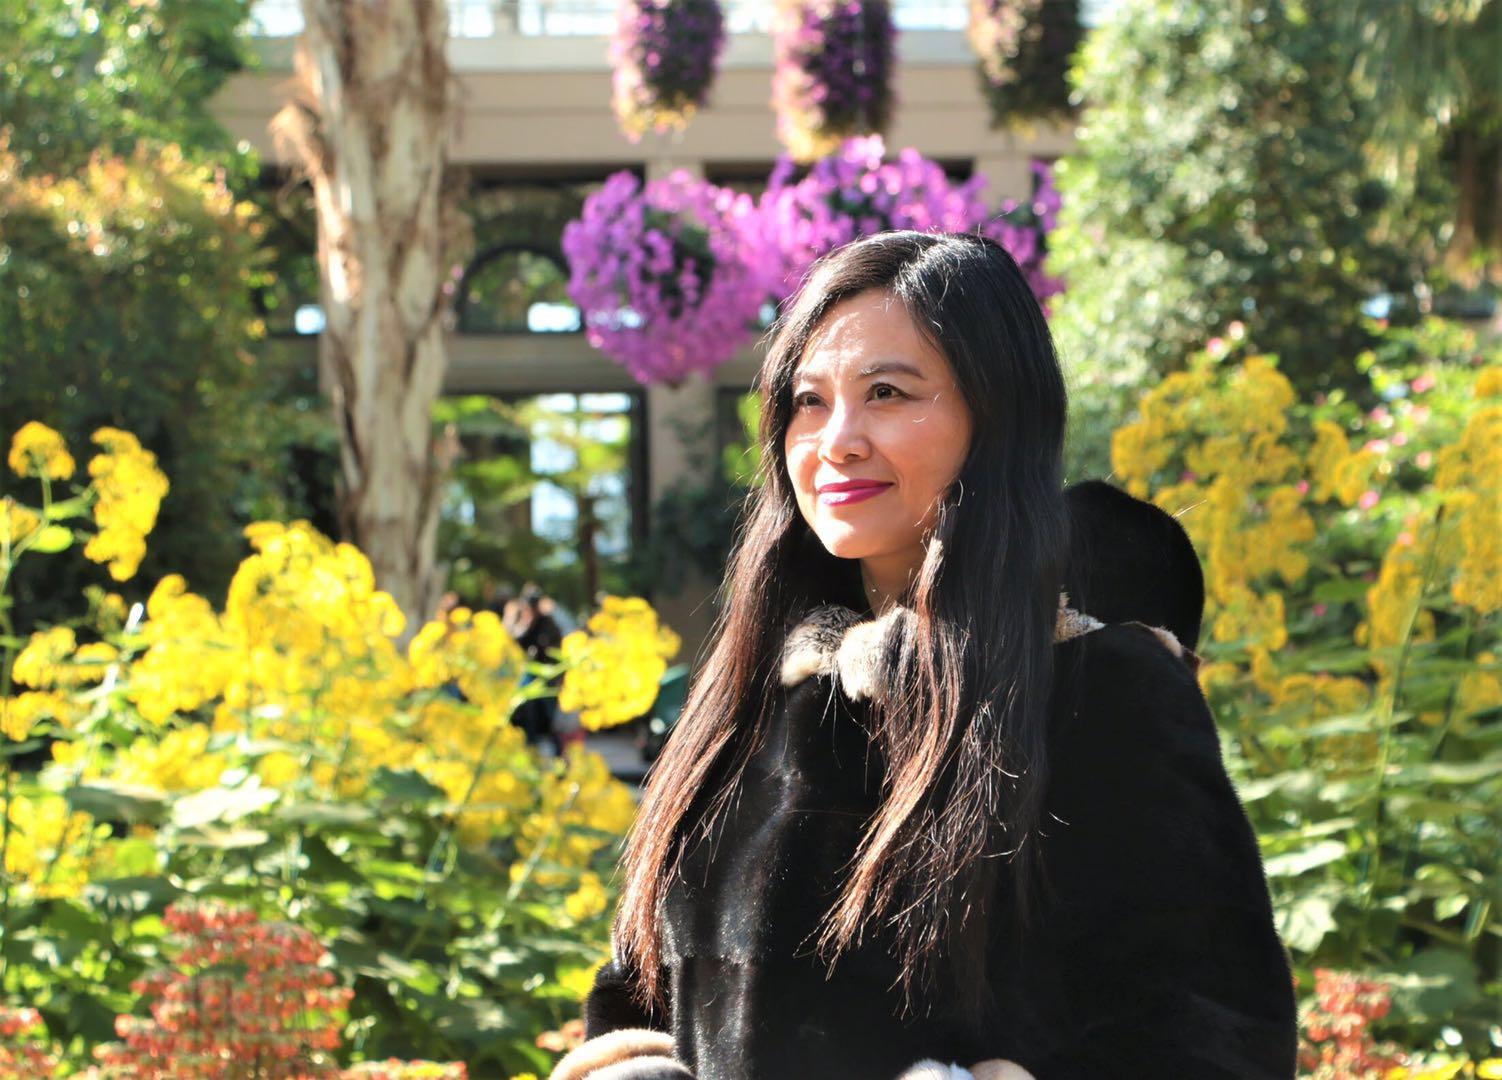 長木公園蘭花展---Longwood Garden Orchid Show/An Angel Of This World(天使在人间第4期)